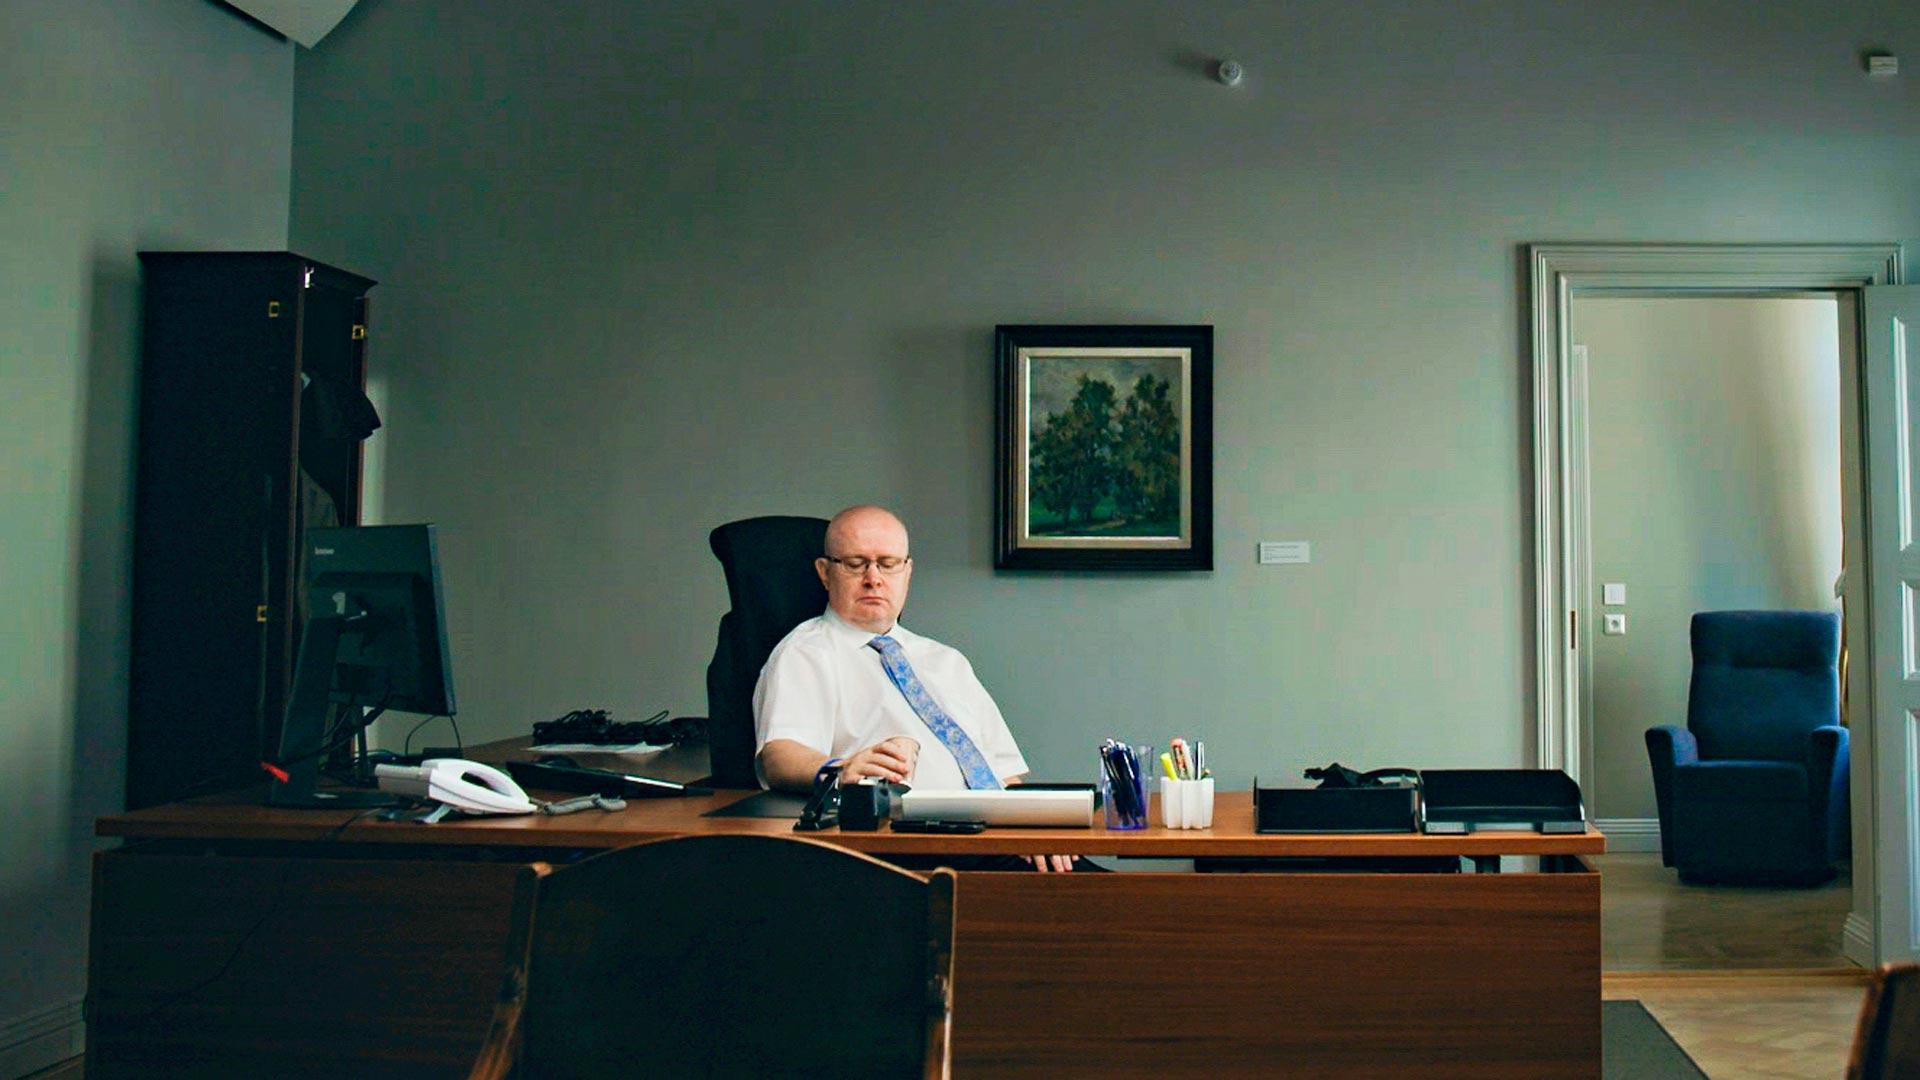 Työministeri Jari Lindströmin viimeinen työpäivä, hetki ennen seremonioita.